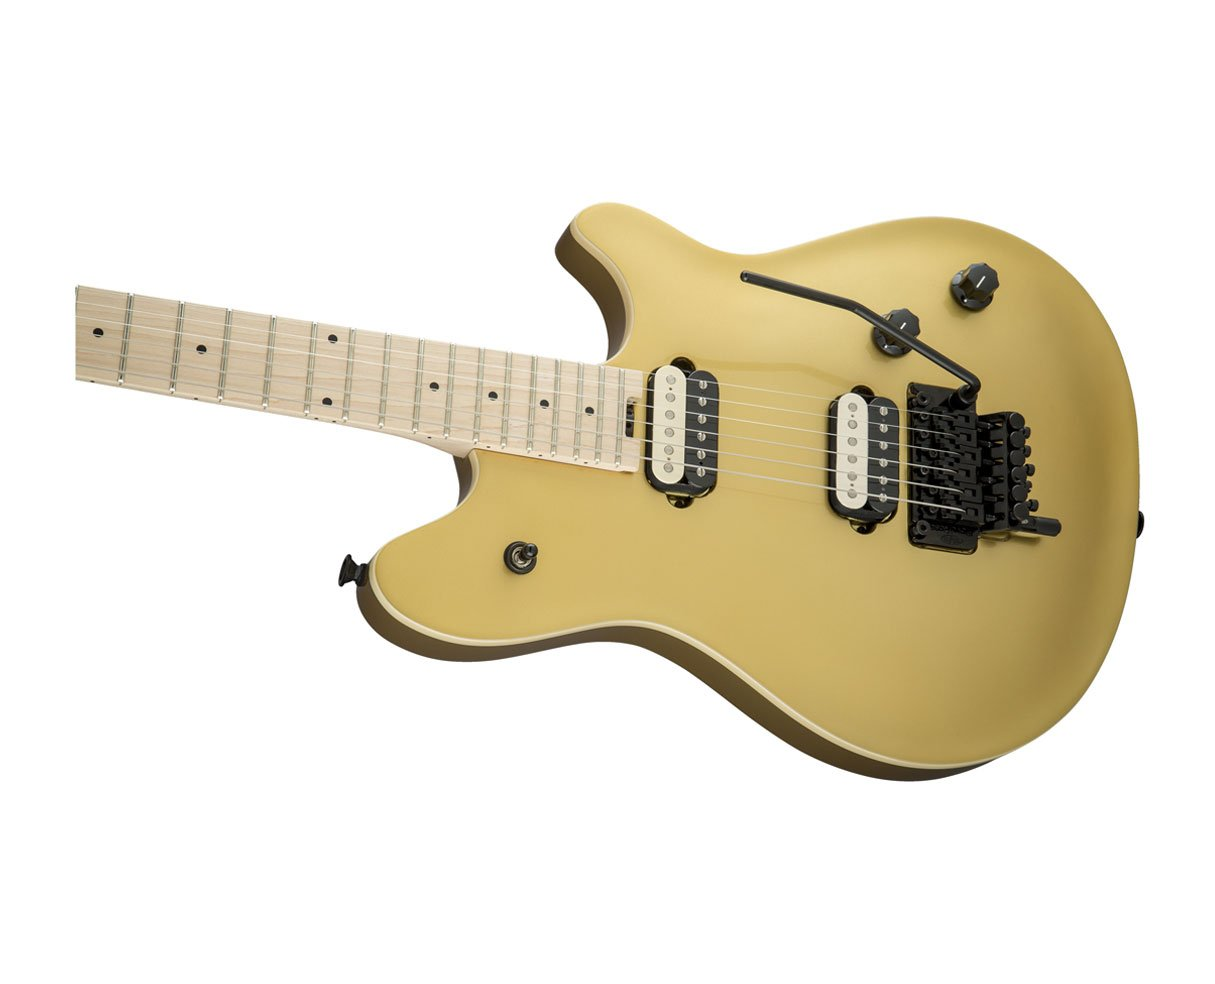 EVH Wolfgang especial para guitarra eléctrica dorado: Amazon.es: Instrumentos musicales